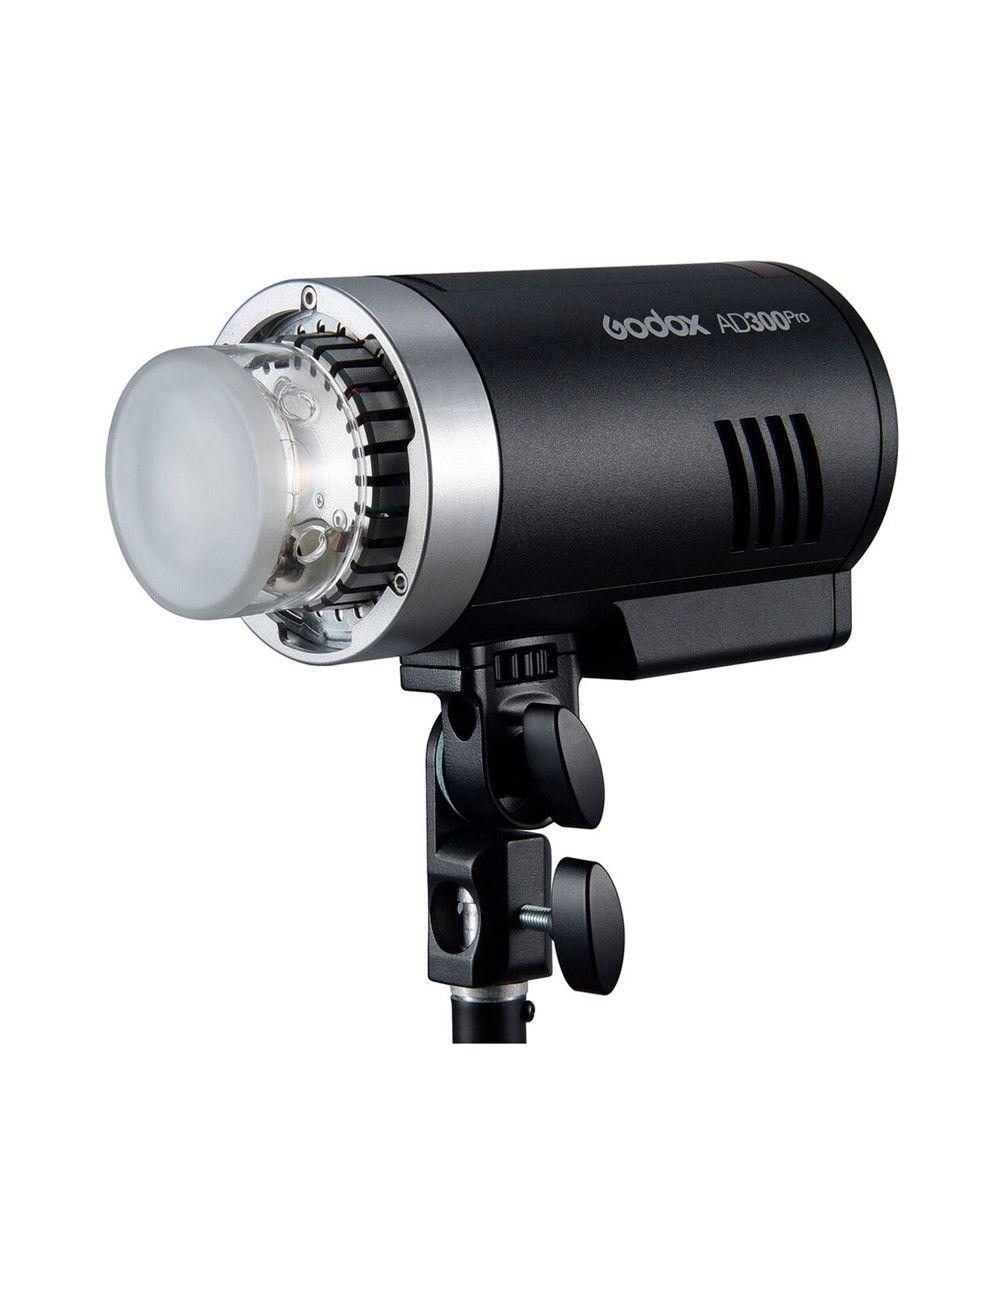 Tamron AF 70-300mm F/4-5.6 Di LD MACRO 1:2 Lente Telefot Para Nikon